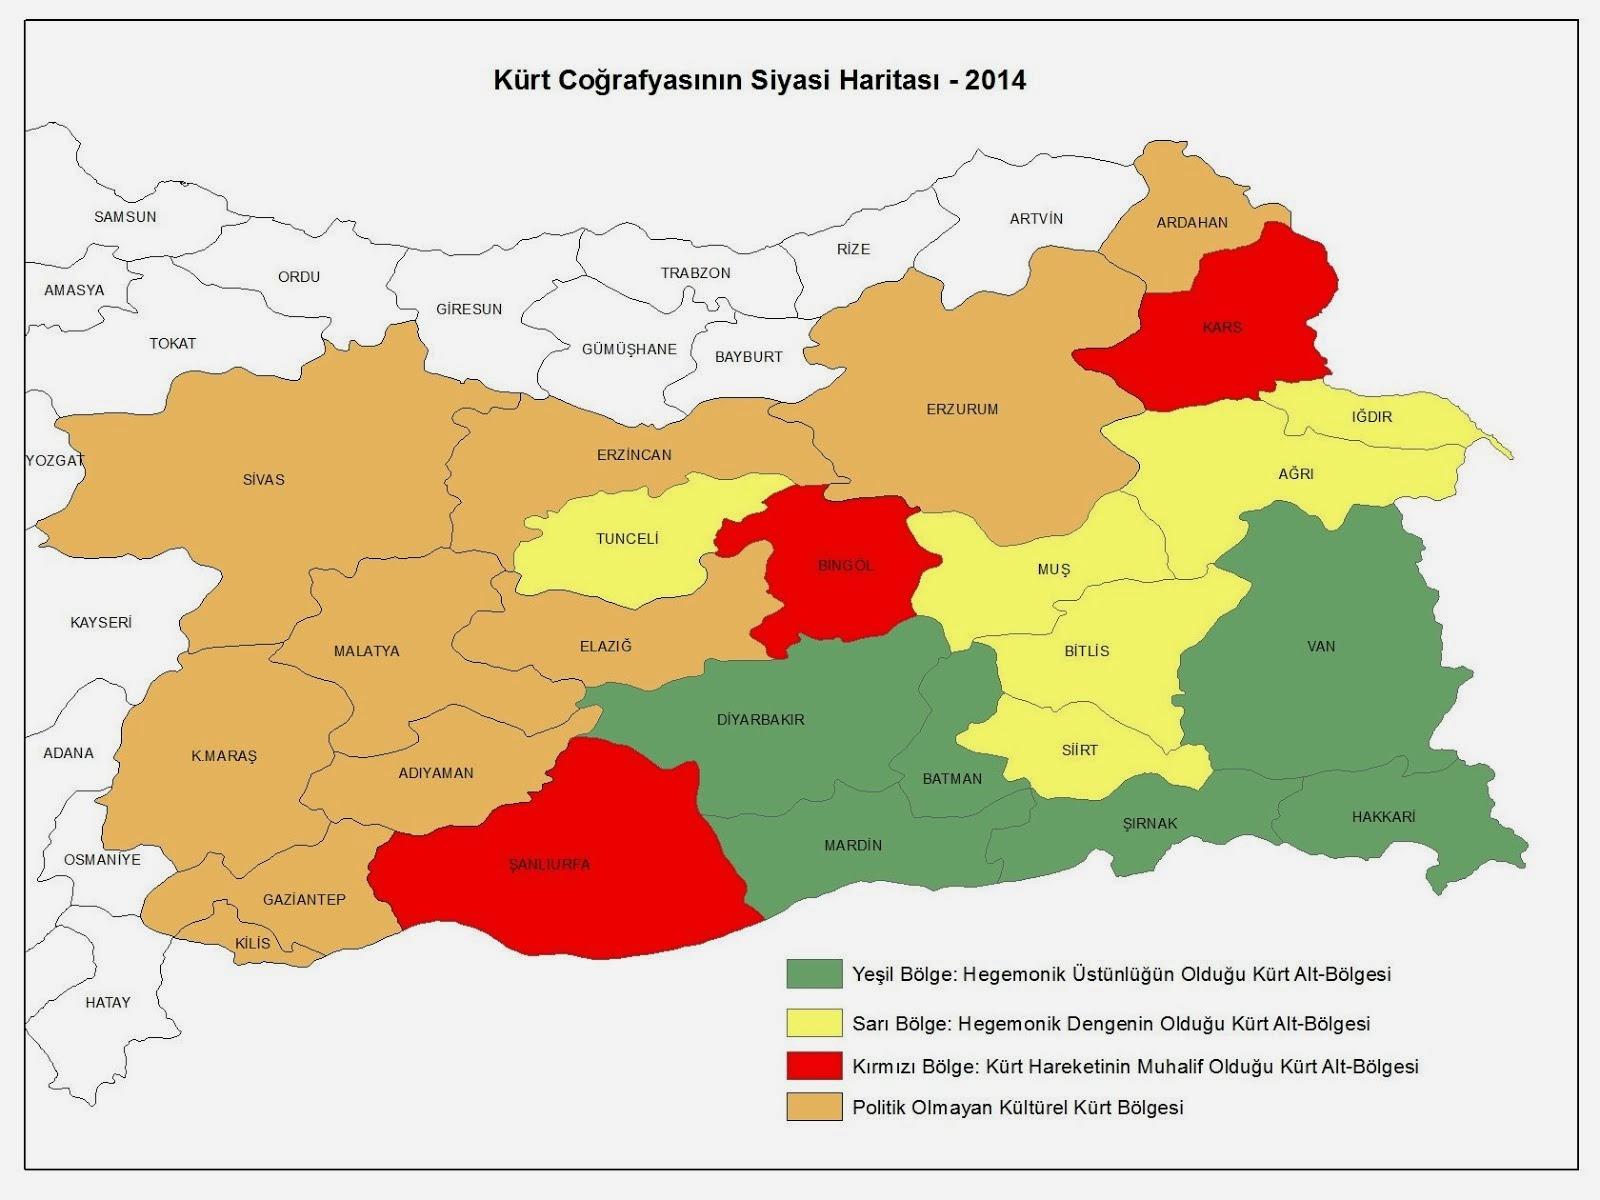 1991'den 2014'e  Kürt Coğrafyasının Siyasi Haritası